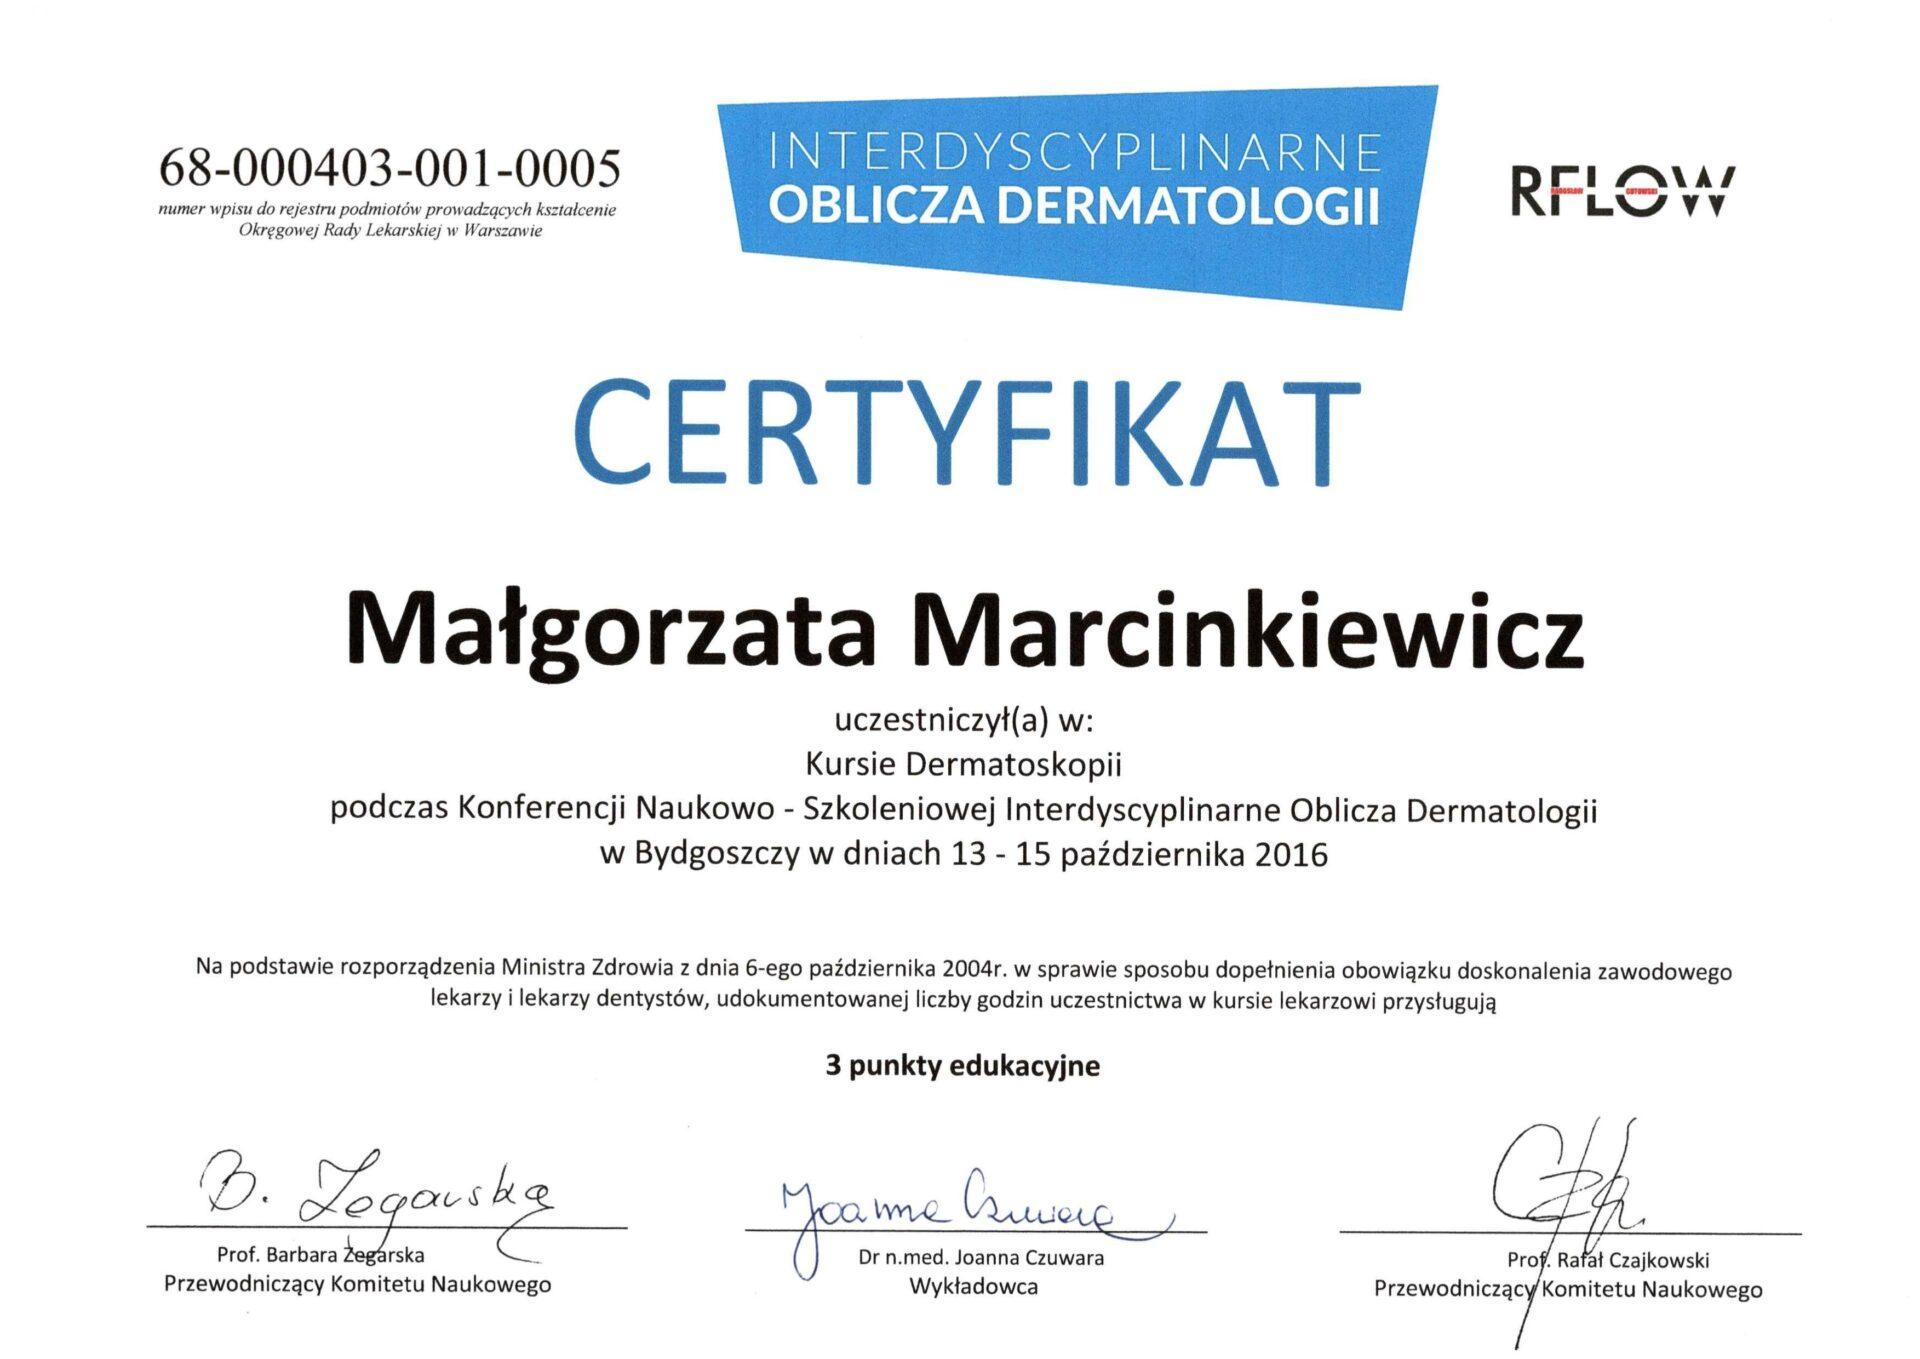 dr Małgorzata Marcinkiewicz certyfikat 2